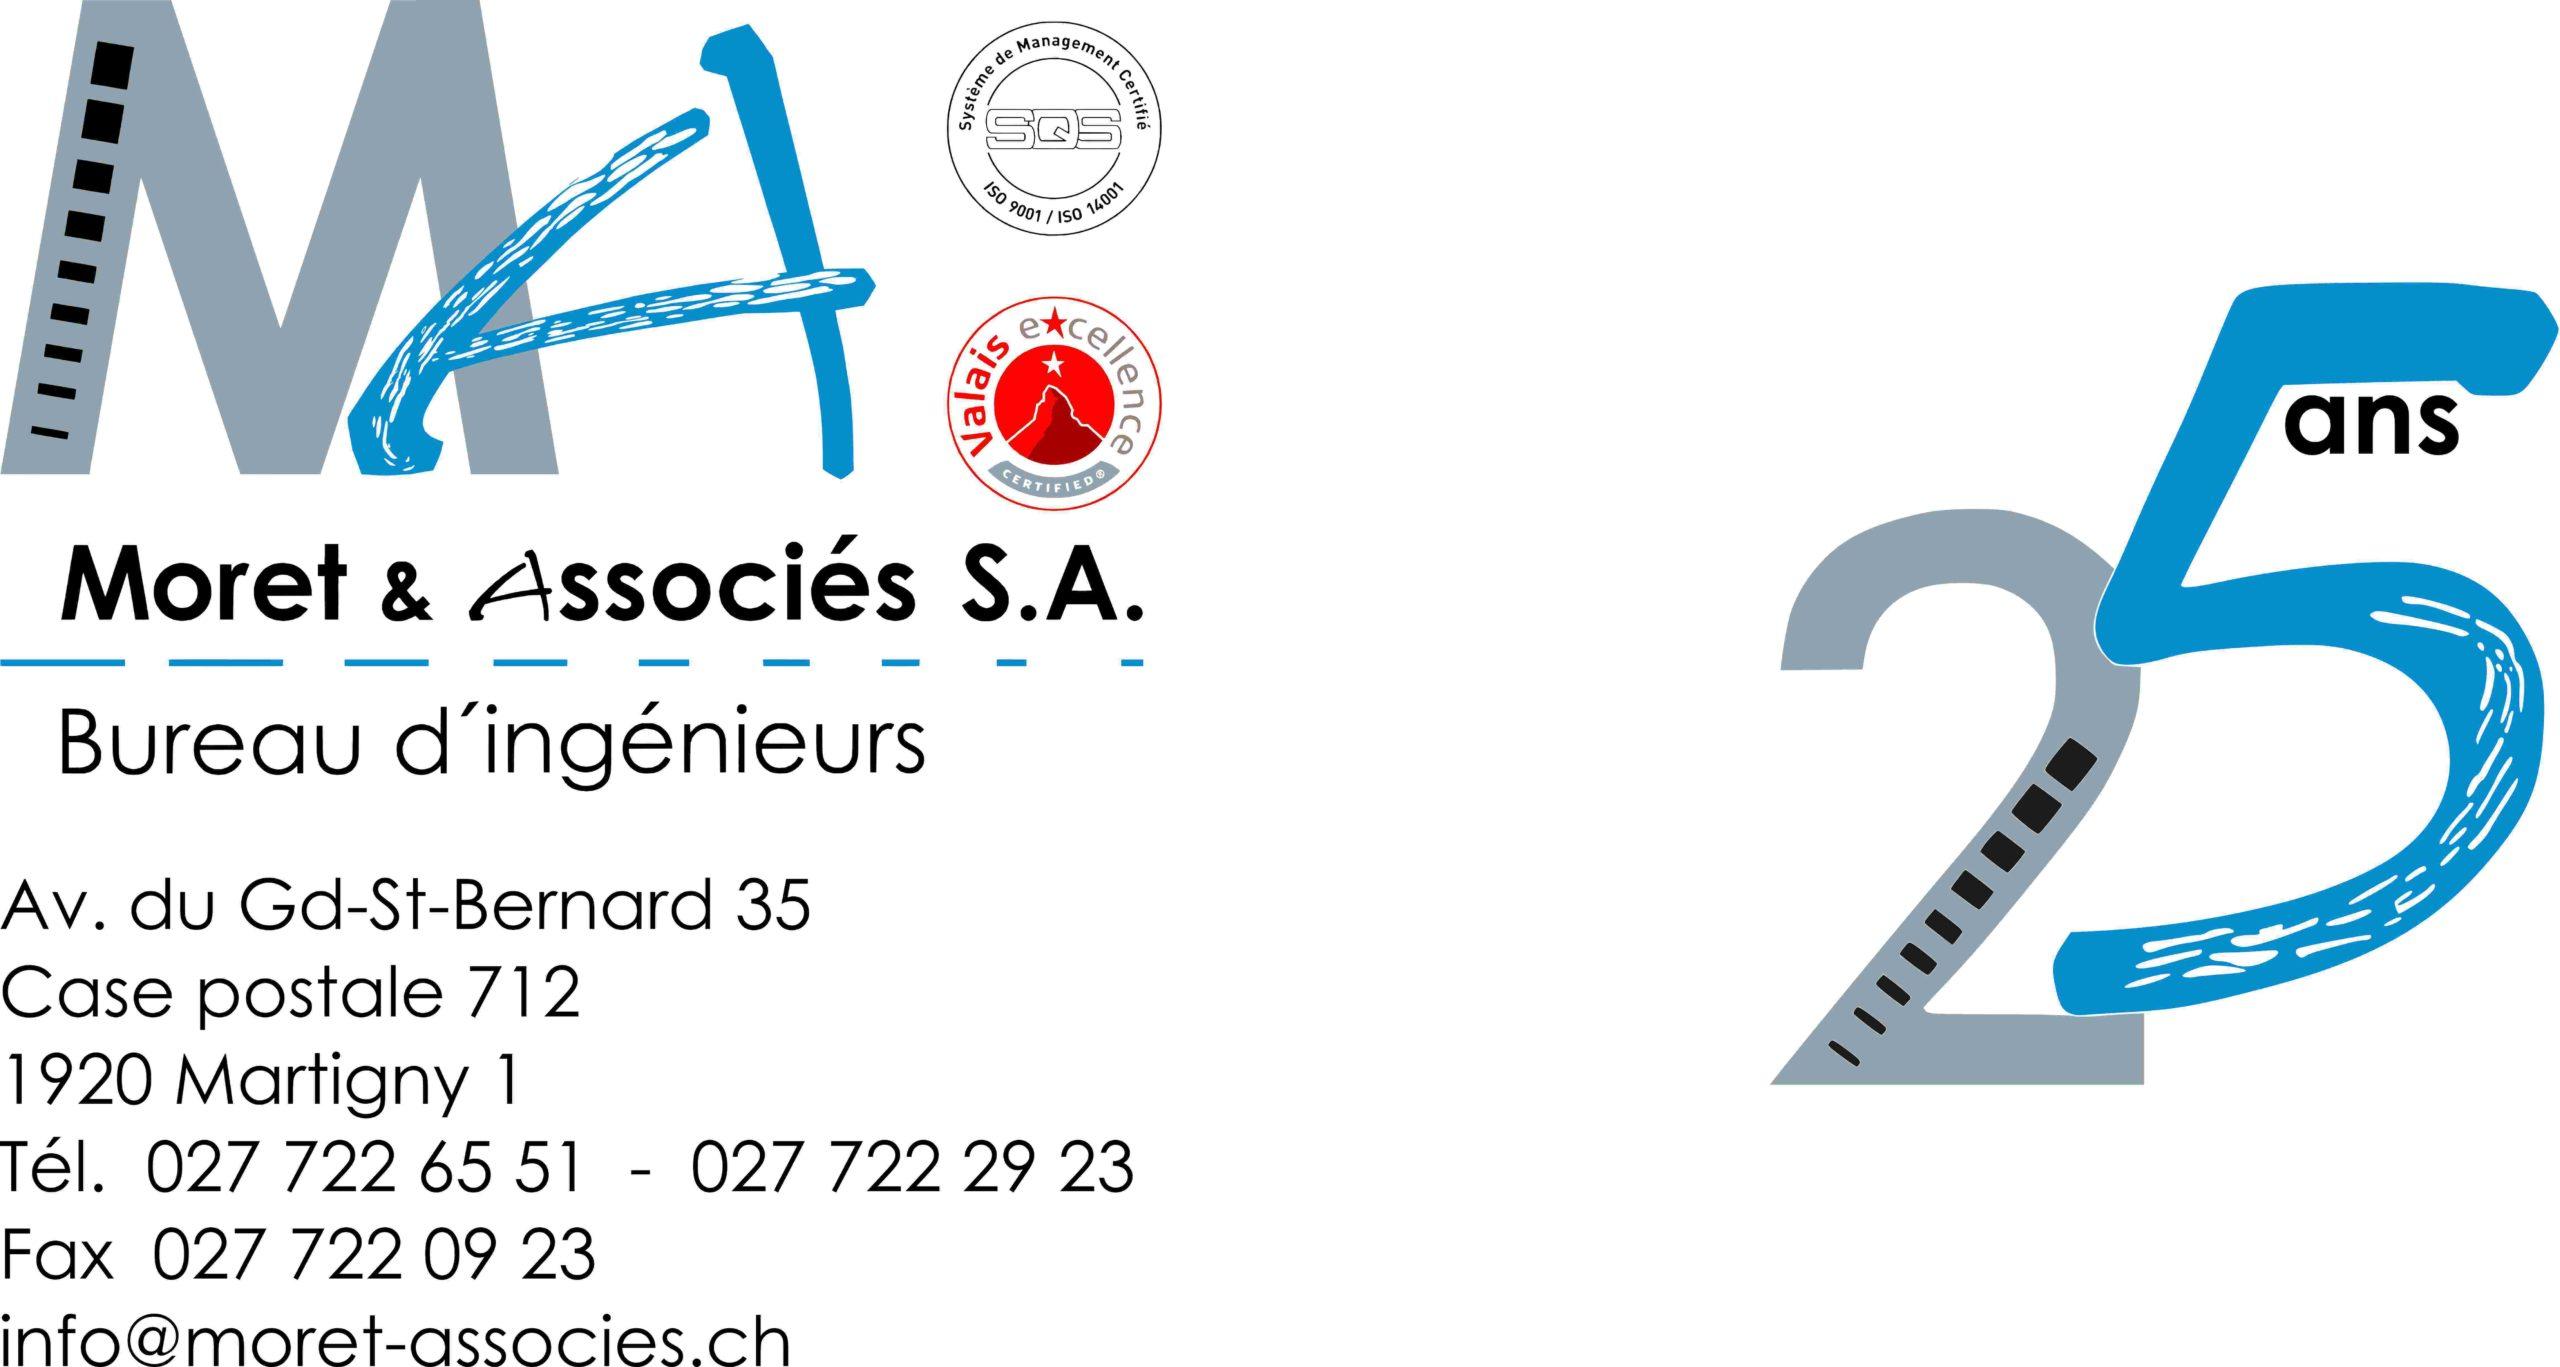 Bureau d'ingénieurs Moret & Associés SA